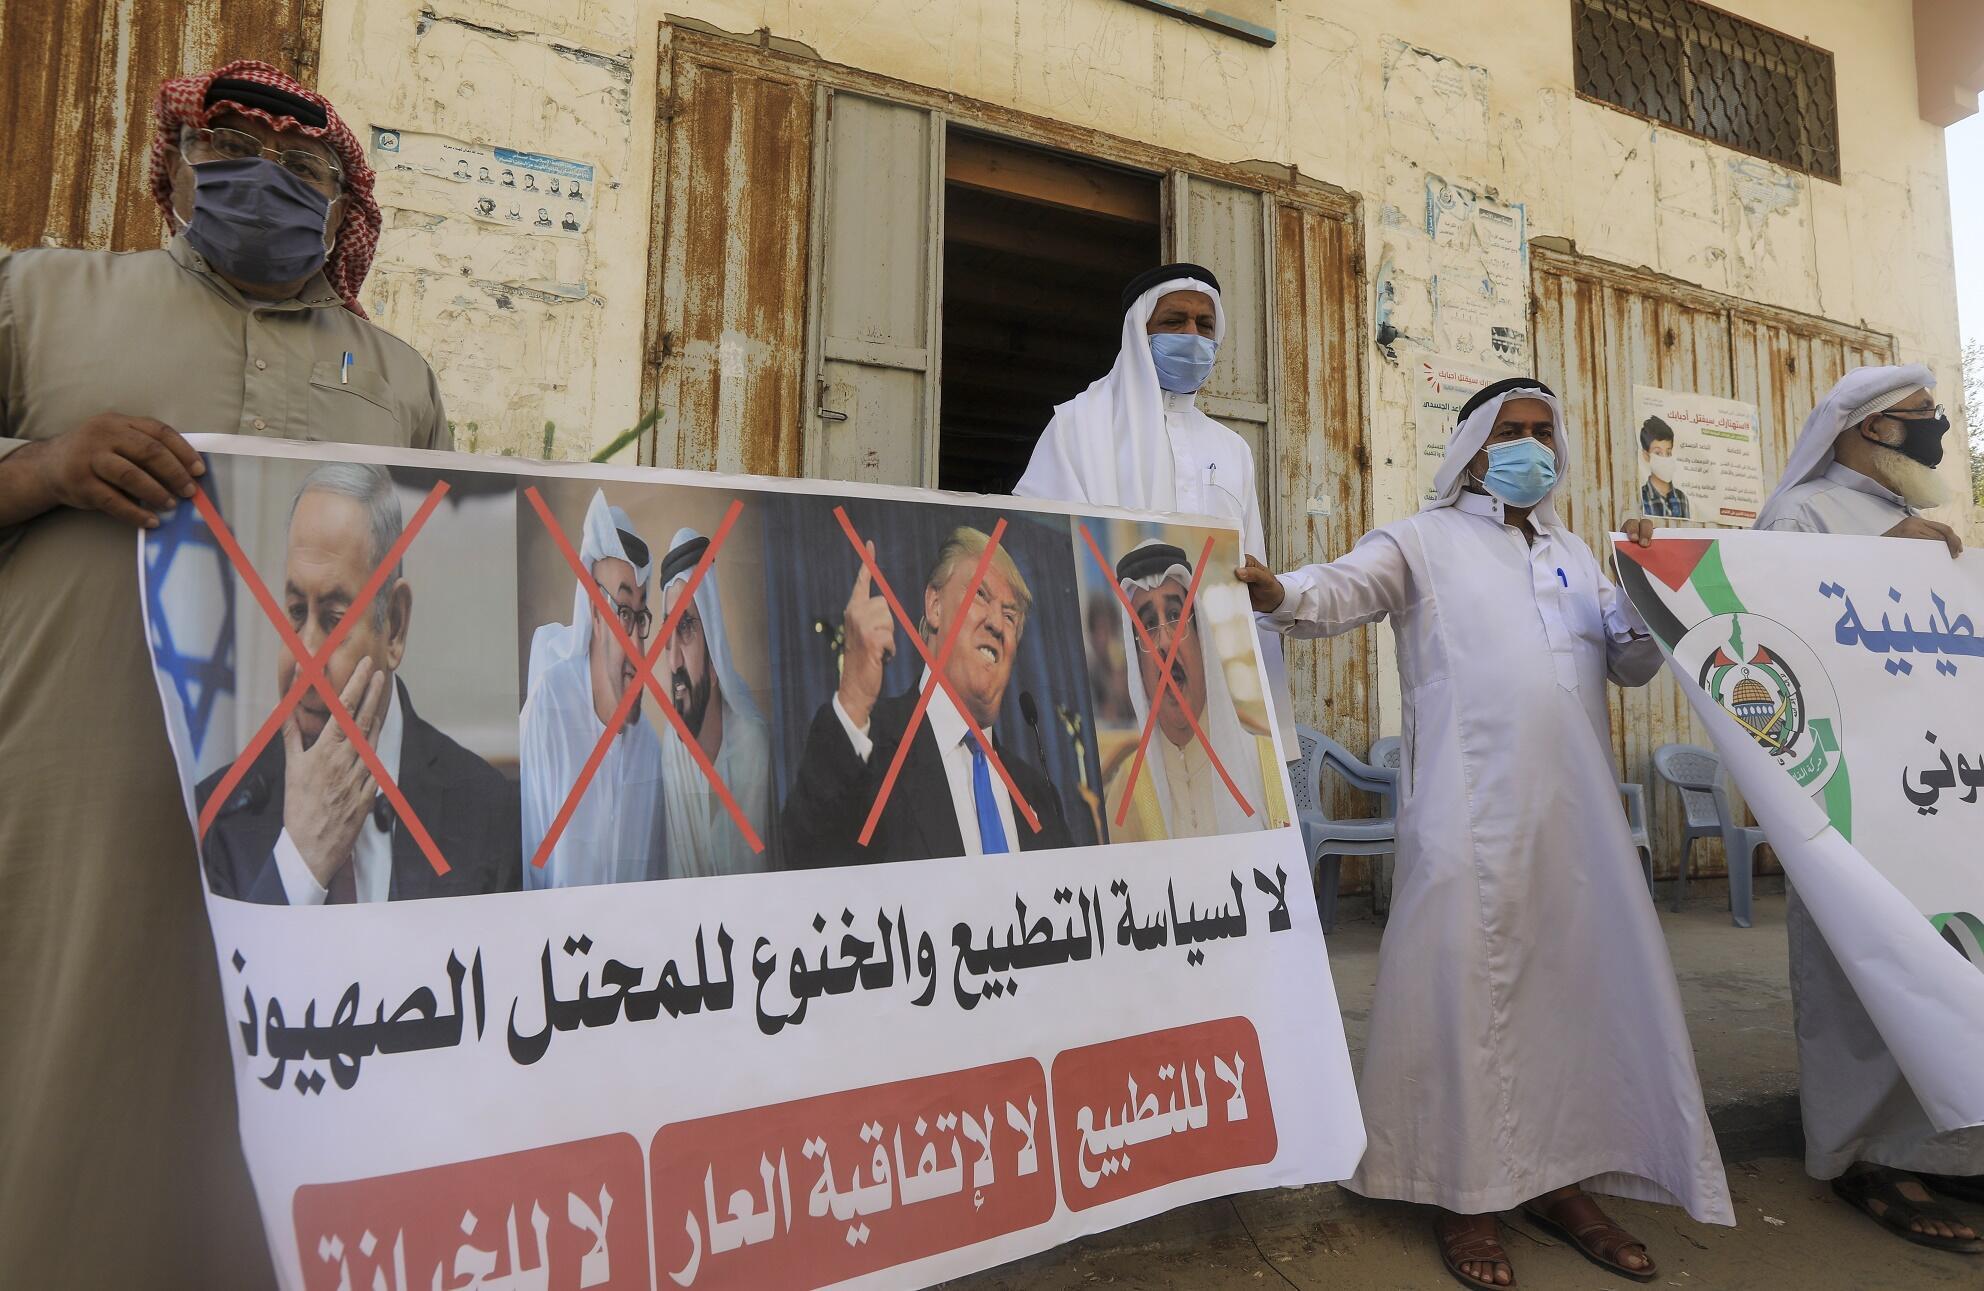 Манифестация противников подписания соглашения о нормализации дипломатических отношений между Израилем и Бахрейном. 12 сентября 2020.